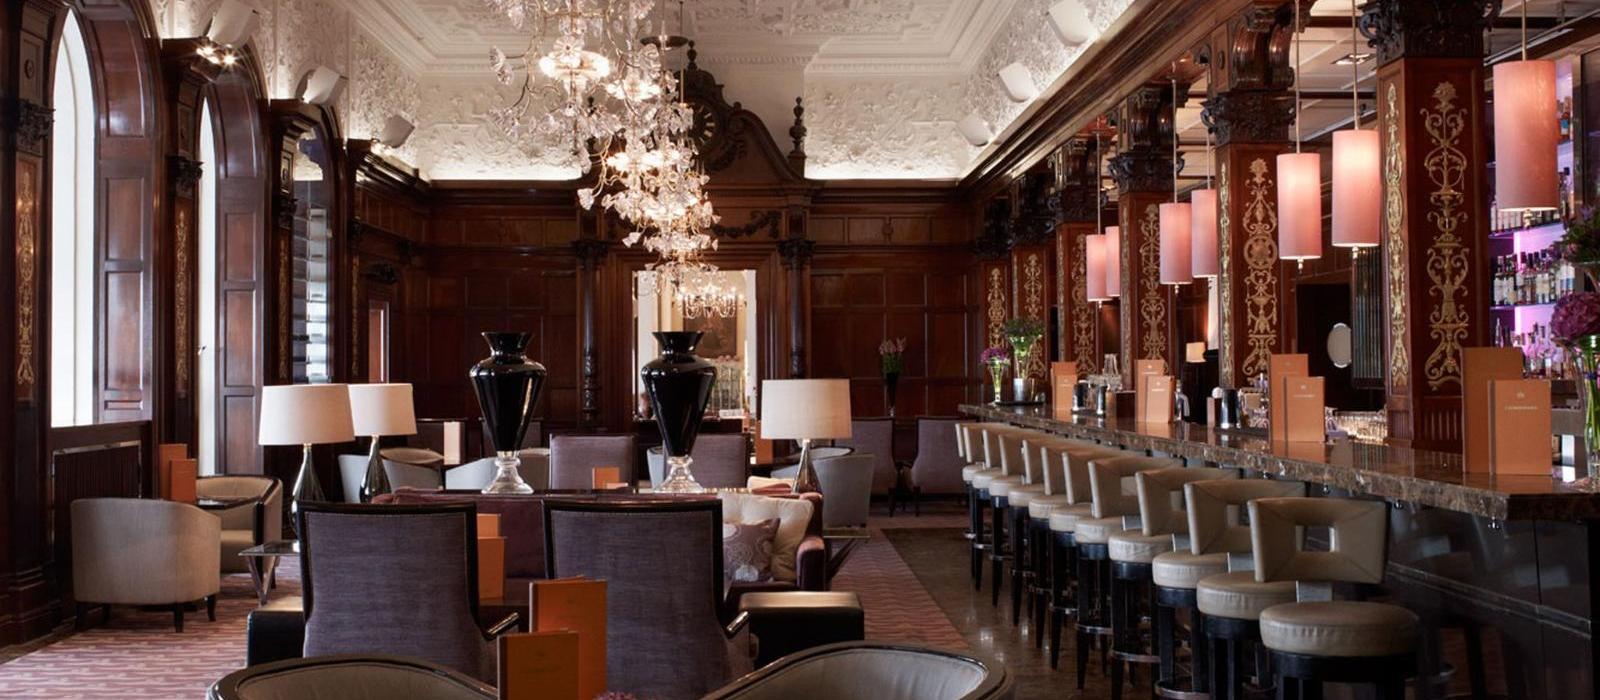 斯德哥尔摩大酒店(Grand Hotel Stockholm) Cadier Bar图片  www.lhw.cn